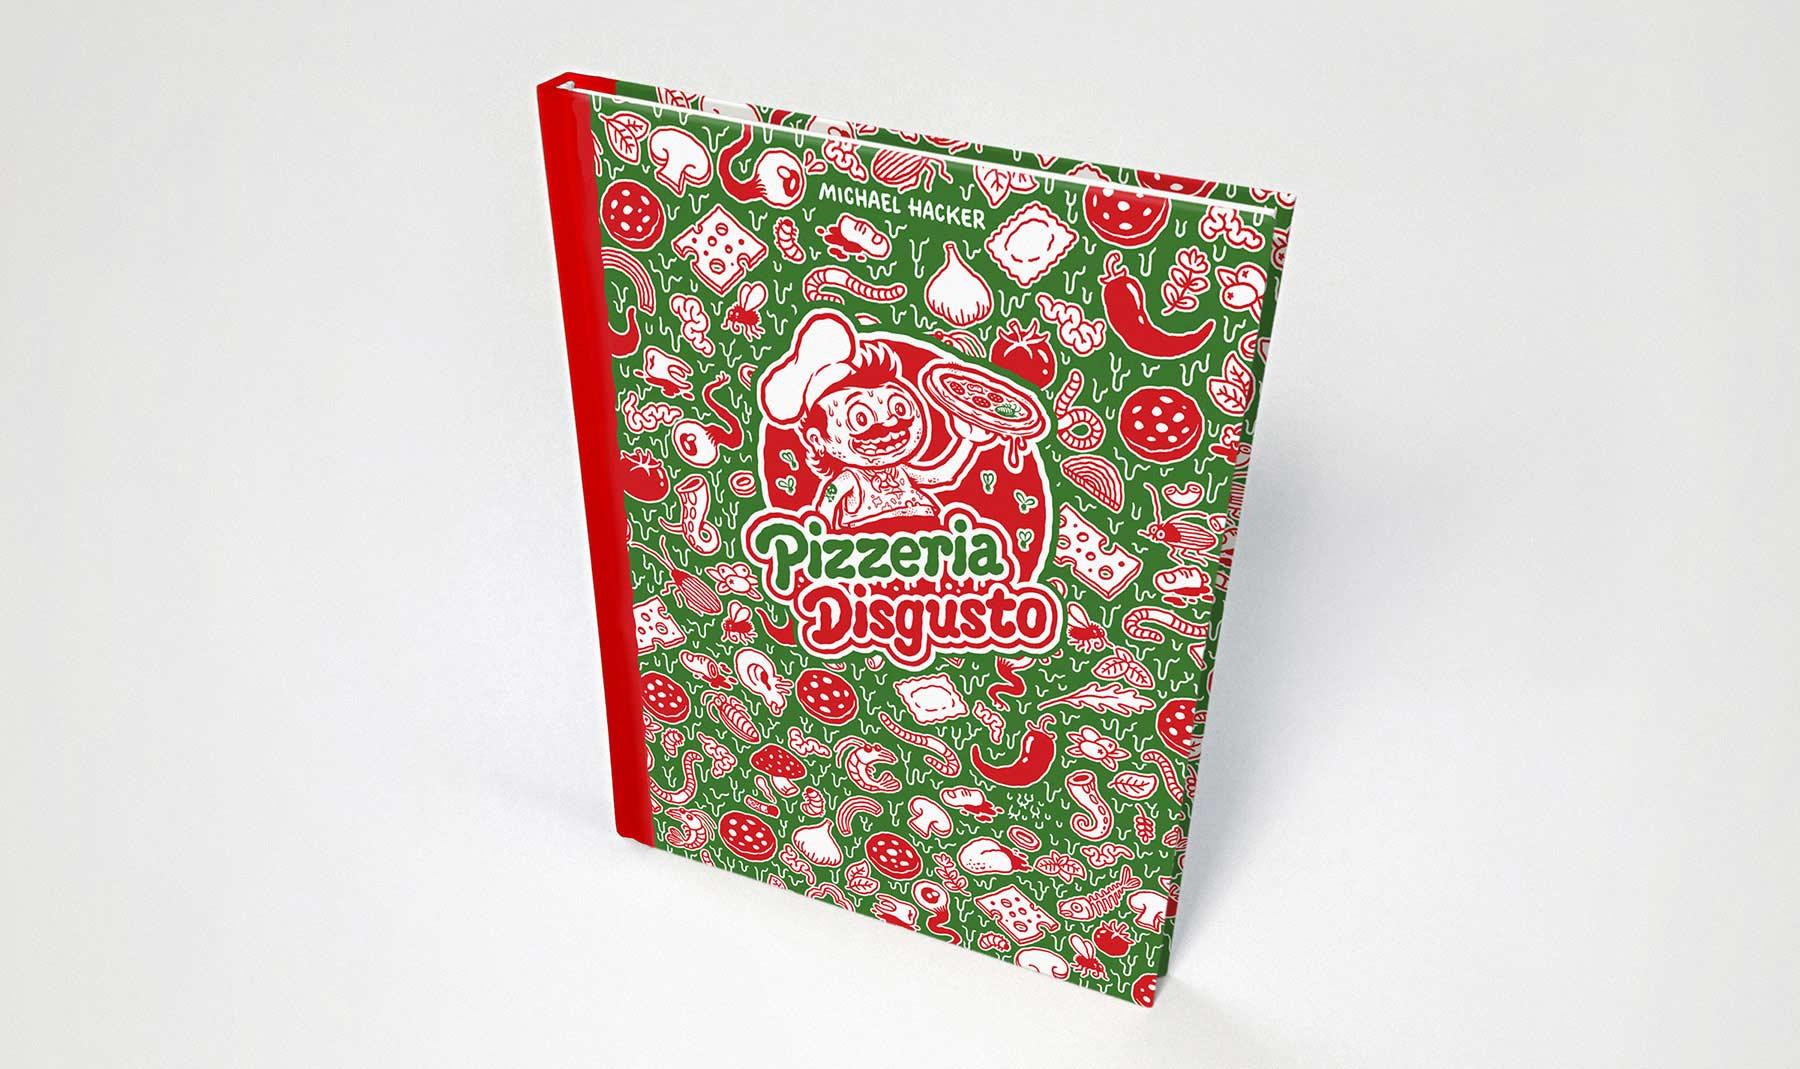 Ein Cartoonbuch voll kulinarischer Wortwitze Pizzeria-Disgusto_02